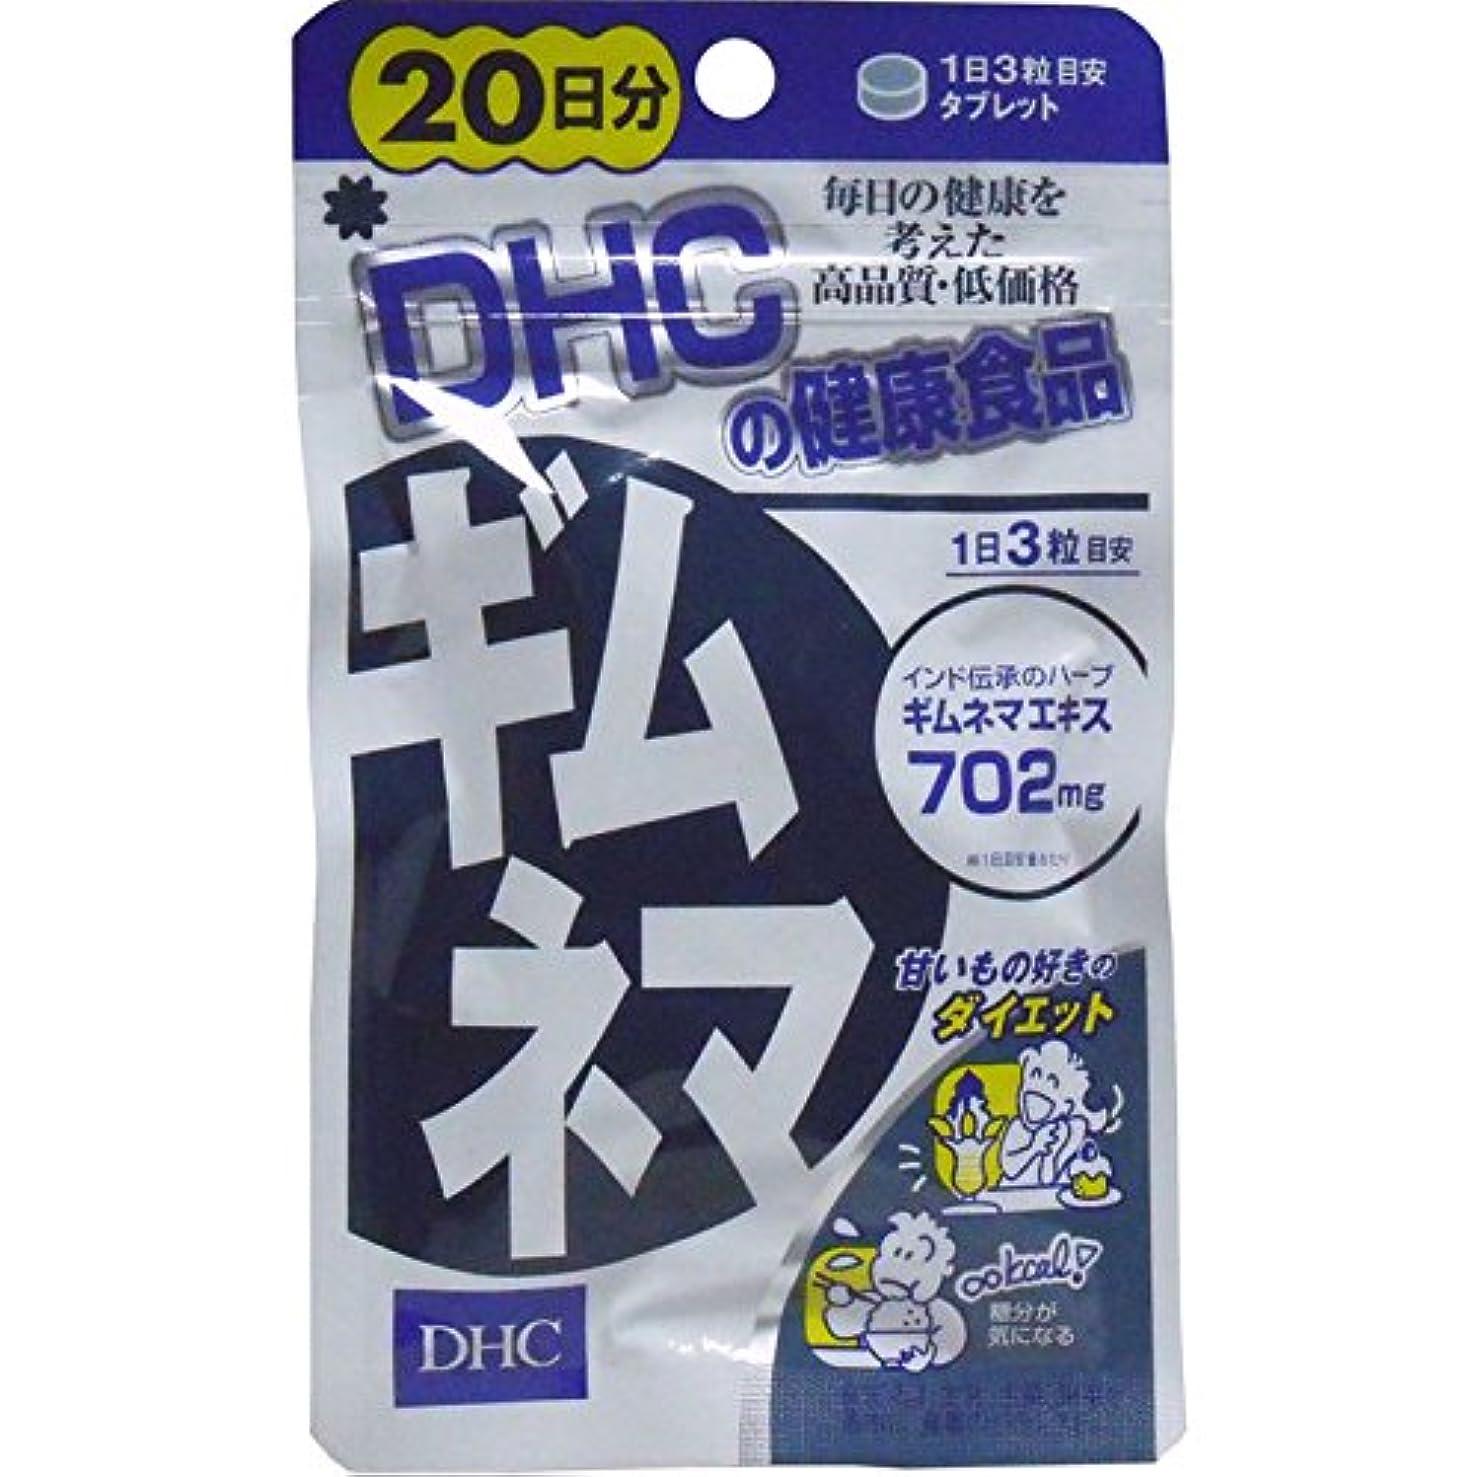 続編境界記録我慢せずに余分な糖分をブロック DHC ギムネマ 20日分 60粒